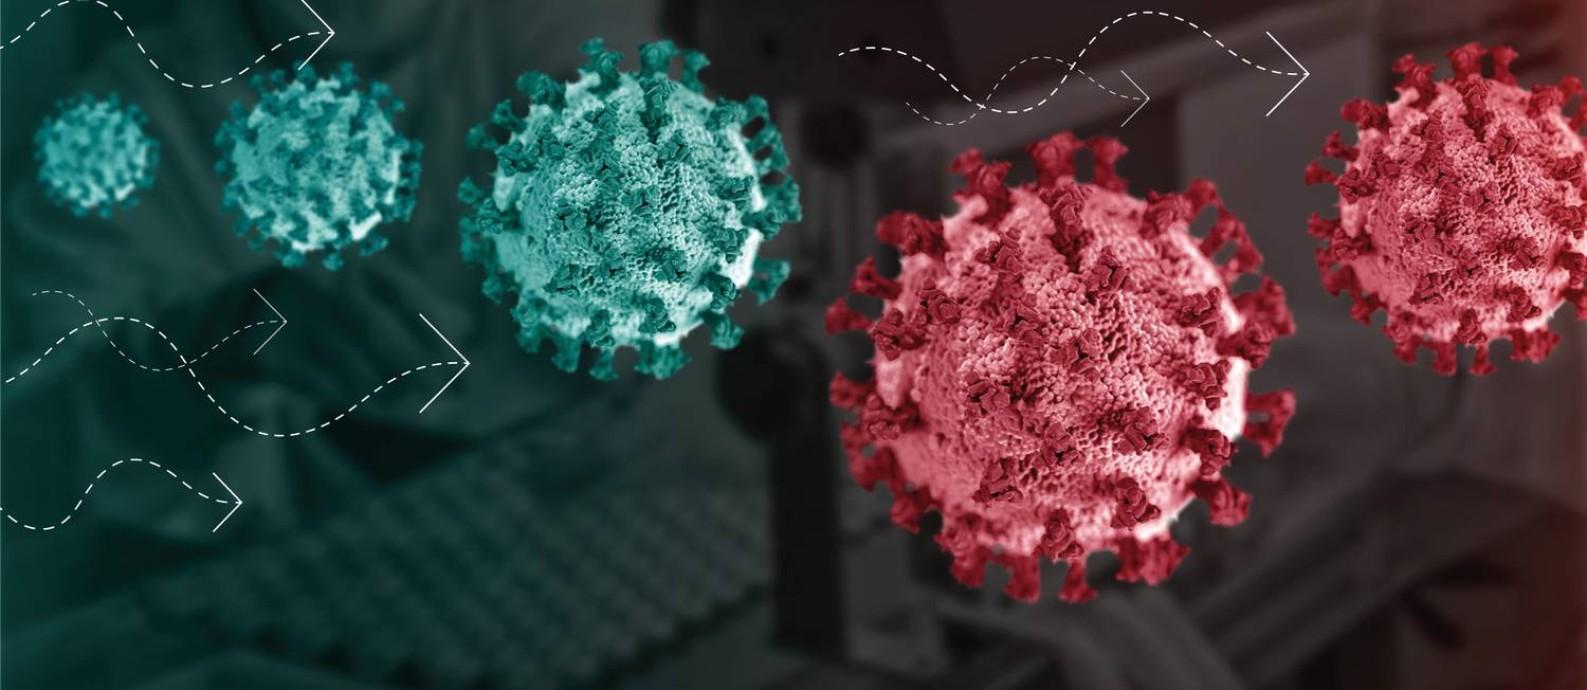 É comum que alterações no código genético ocorram em vírus. Foto: Felipe Nadaes / O Globo